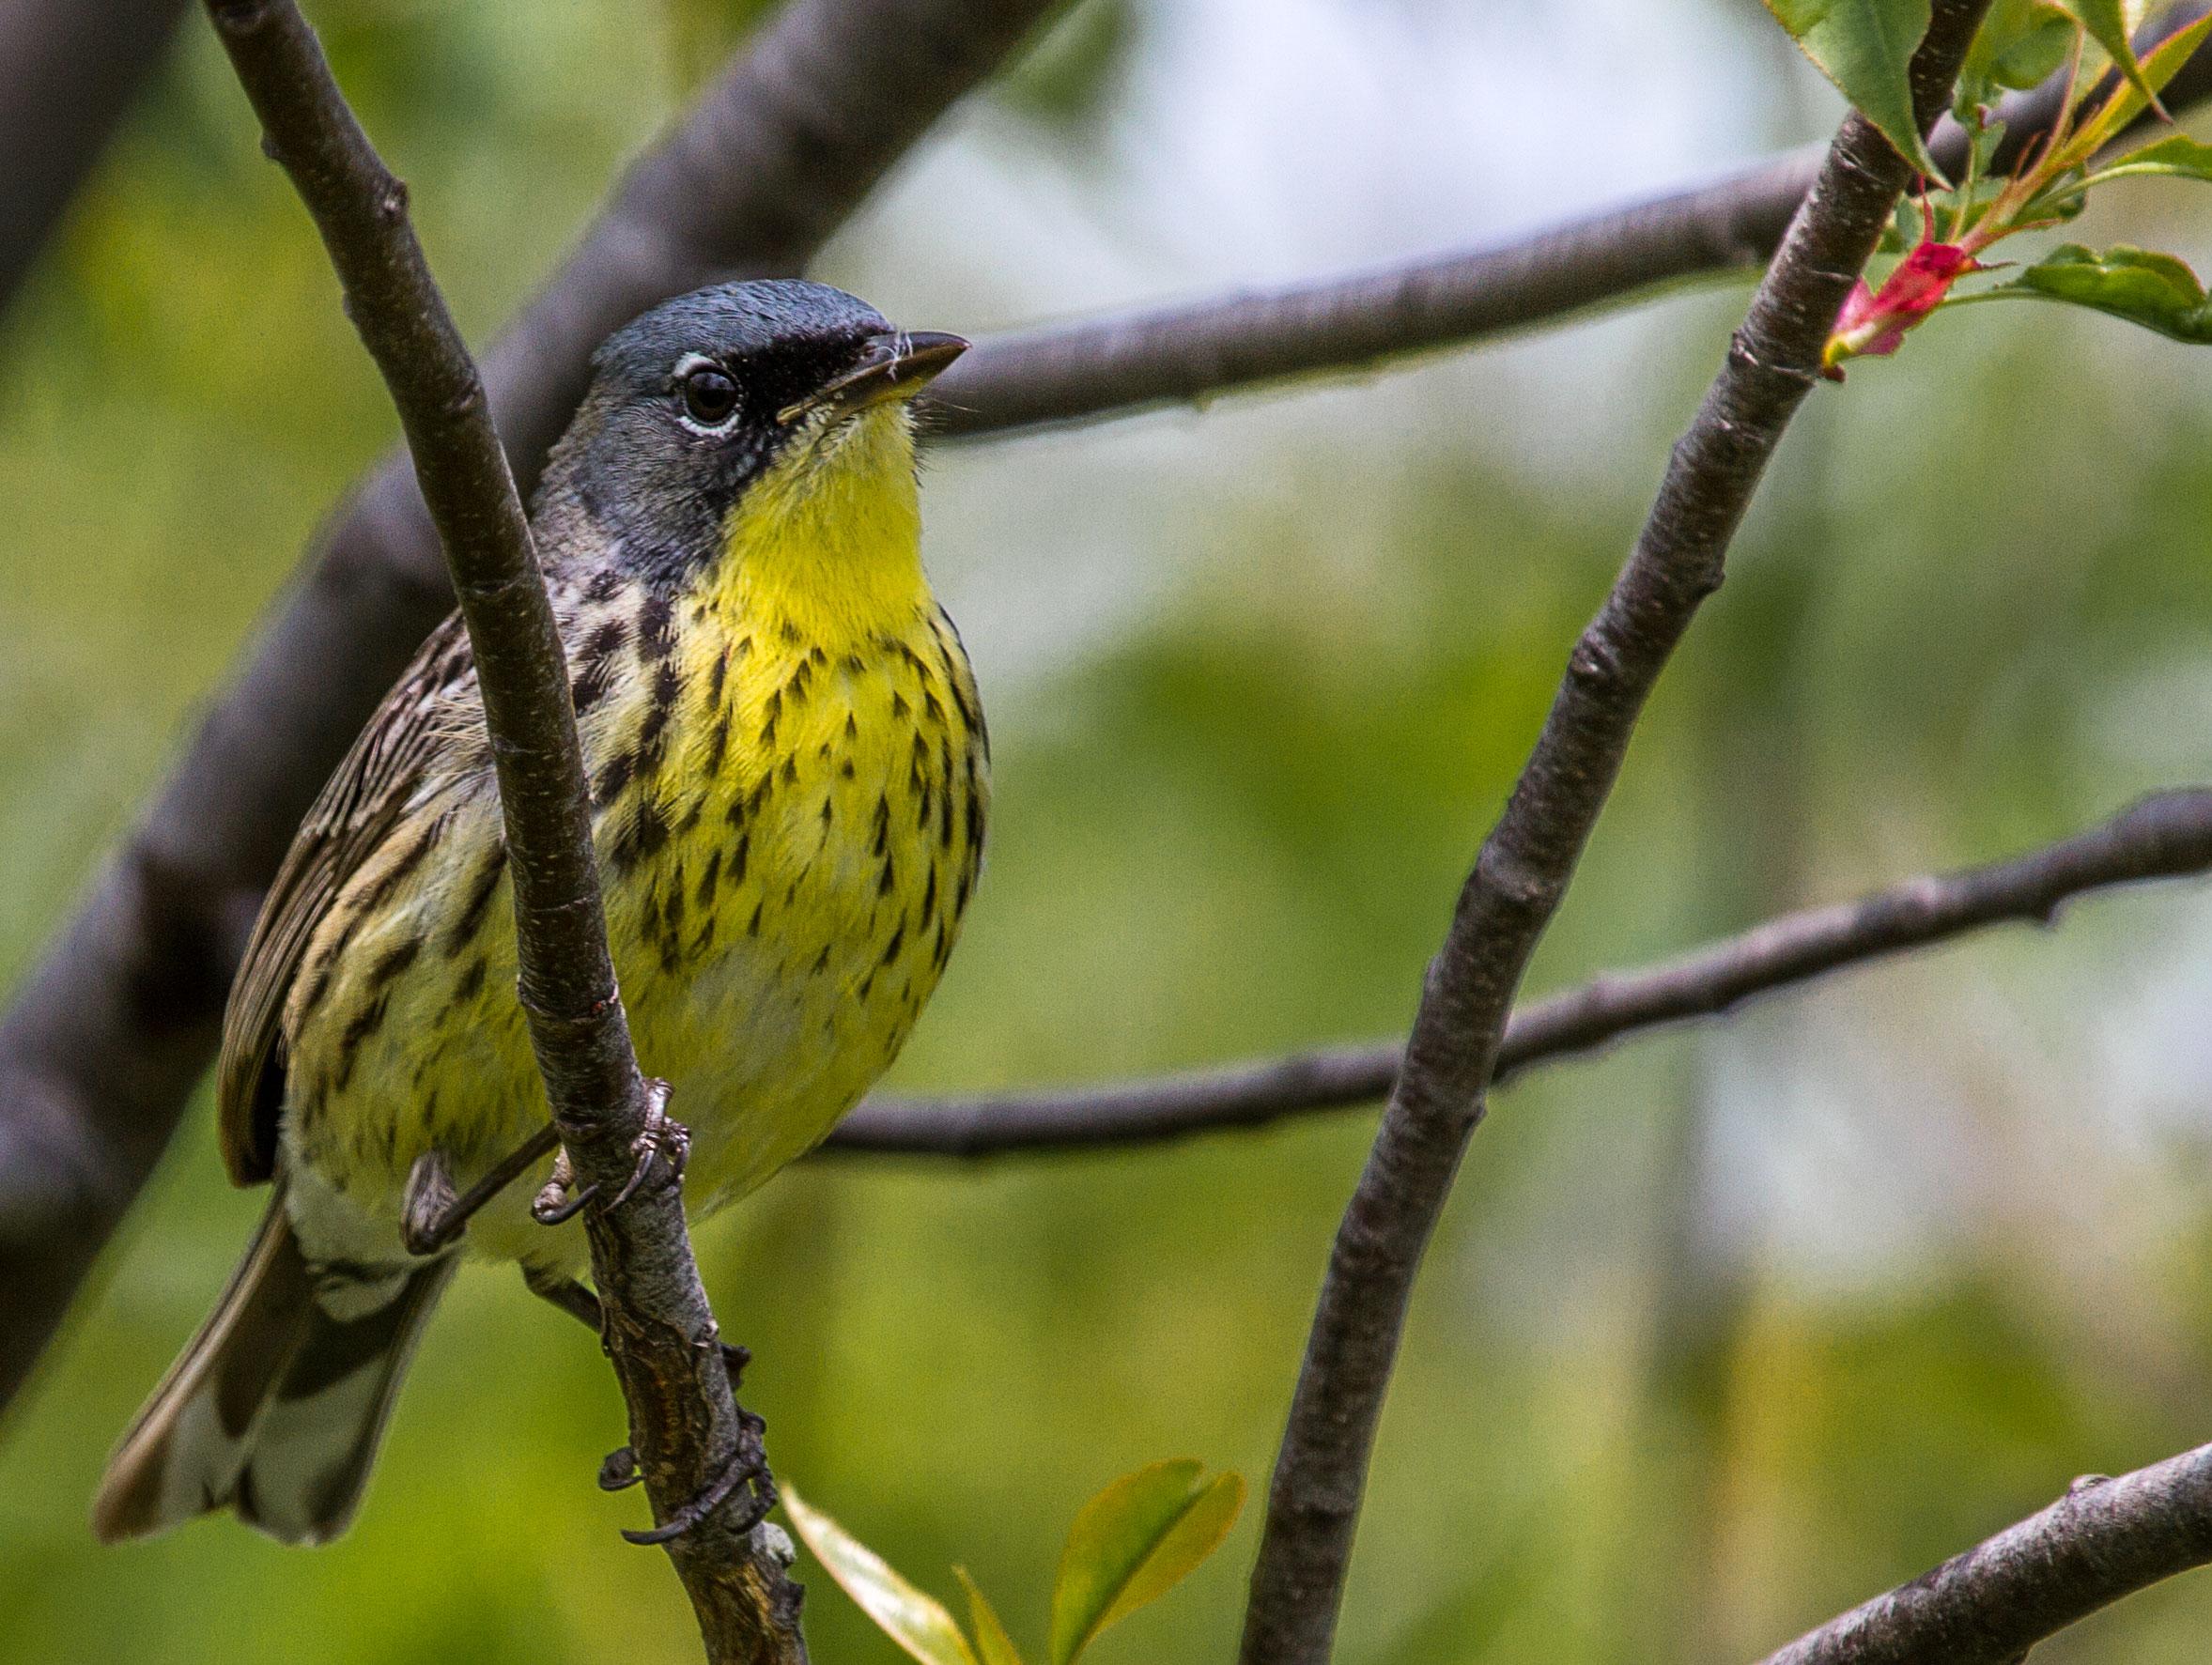 Kirtland's Warbler. Eric Fishel/Audubon Photography Awards